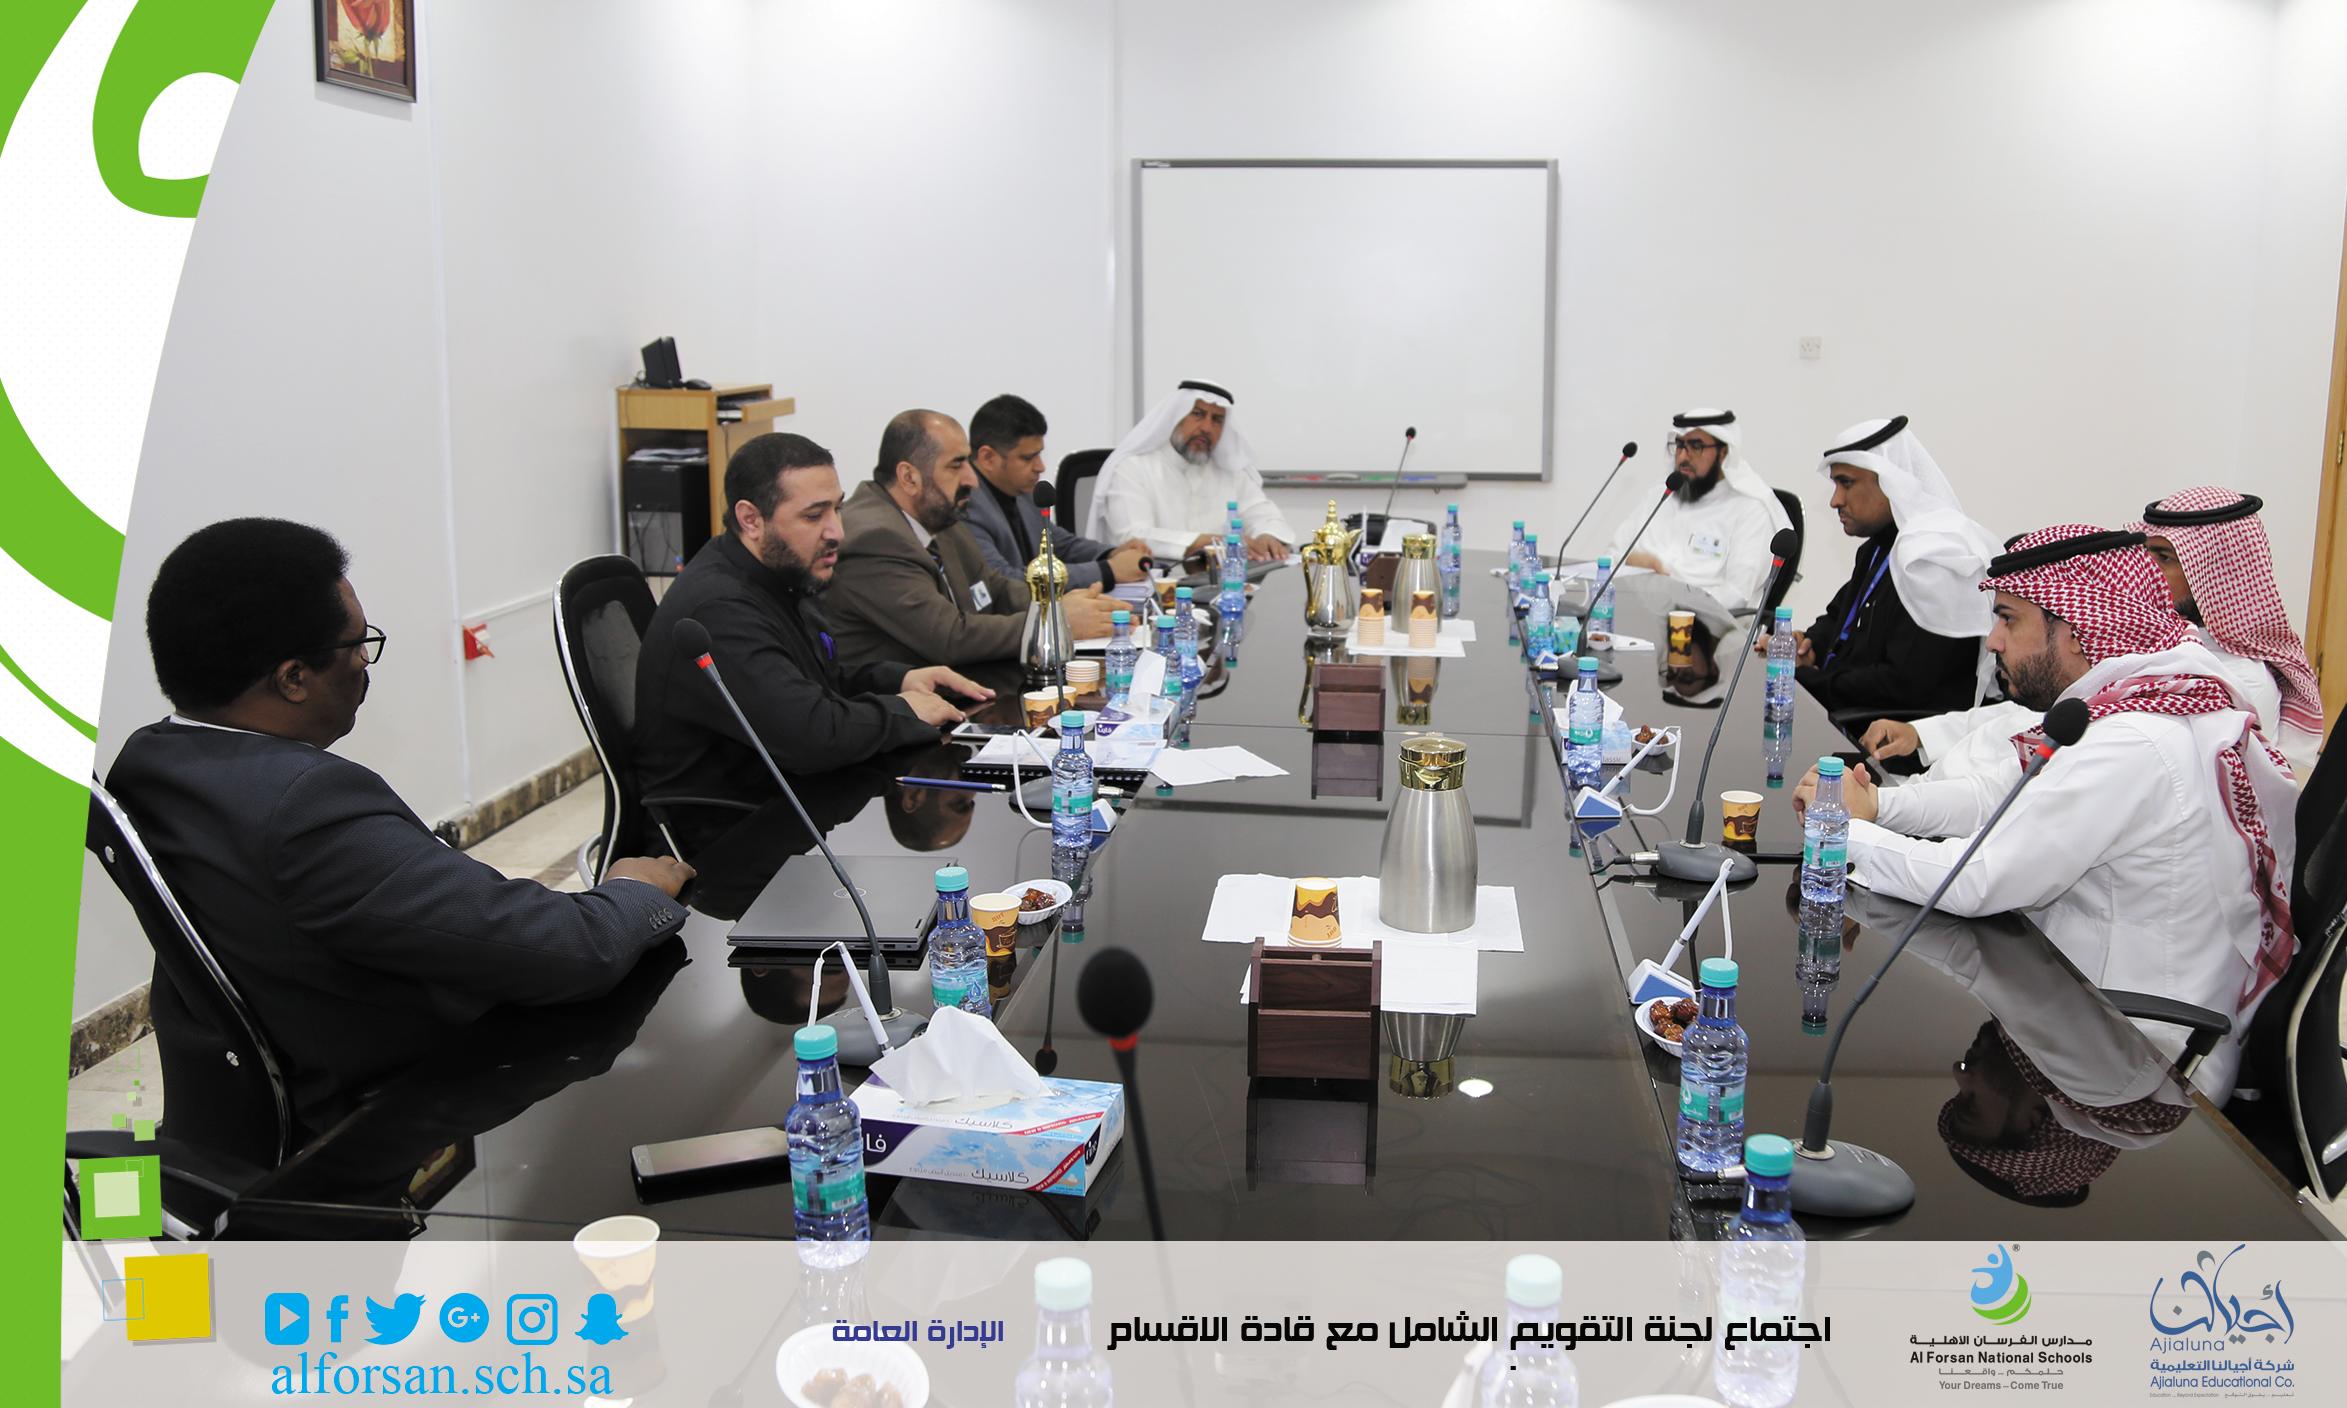 اجتماع لجنة التقويم الشامل بقادة الاقسام والمشرف العام